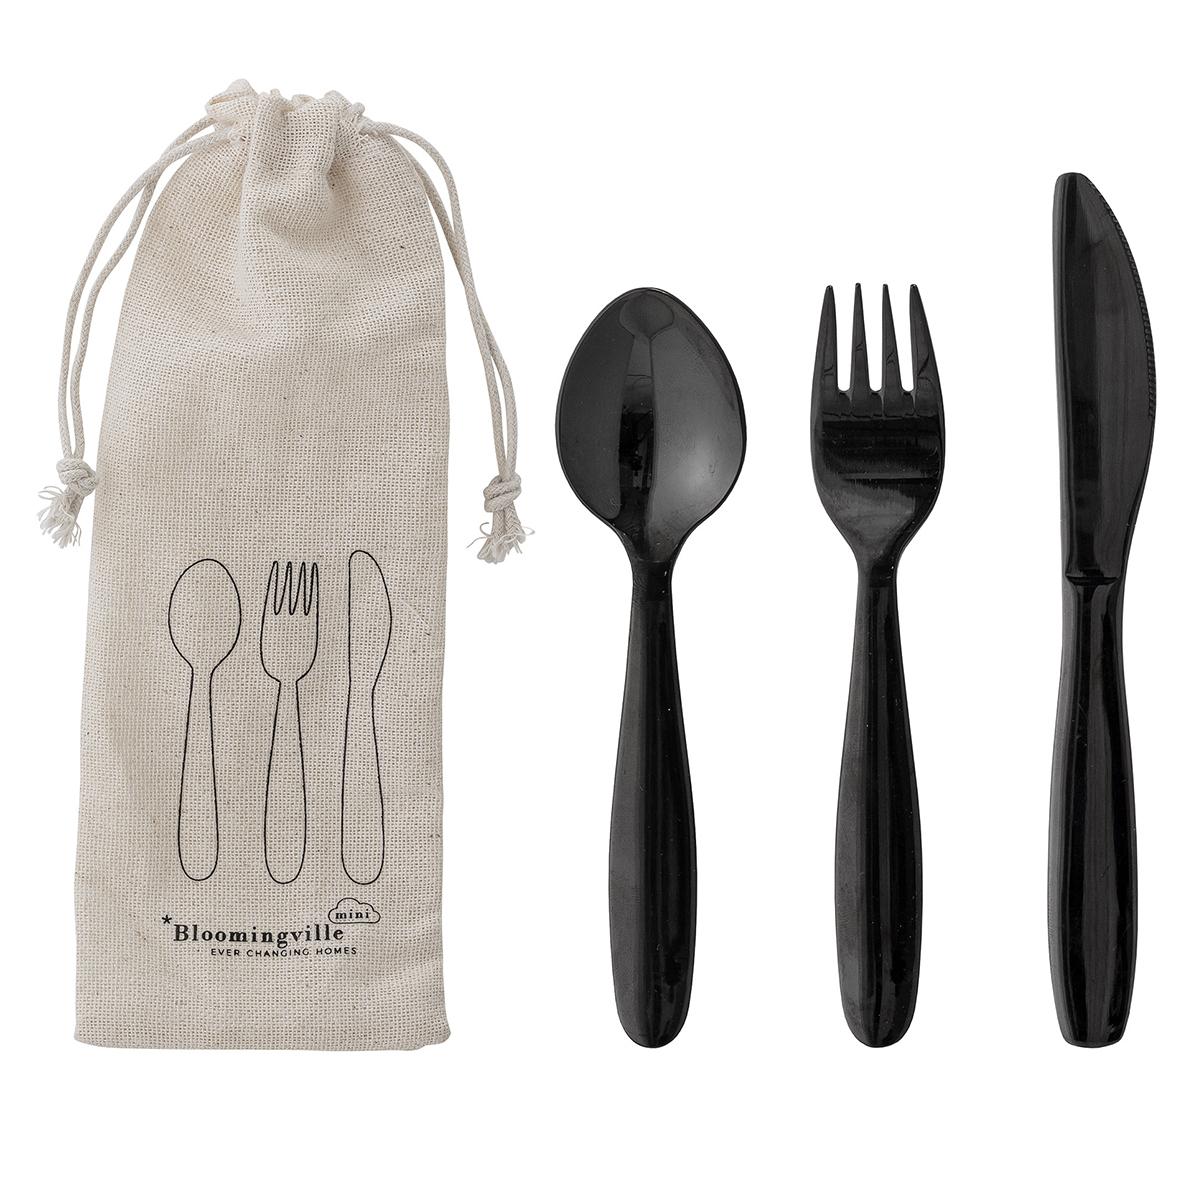 Vaisselle & Couvert Couverts en Métal - Noir Couverts en Métal - Noir